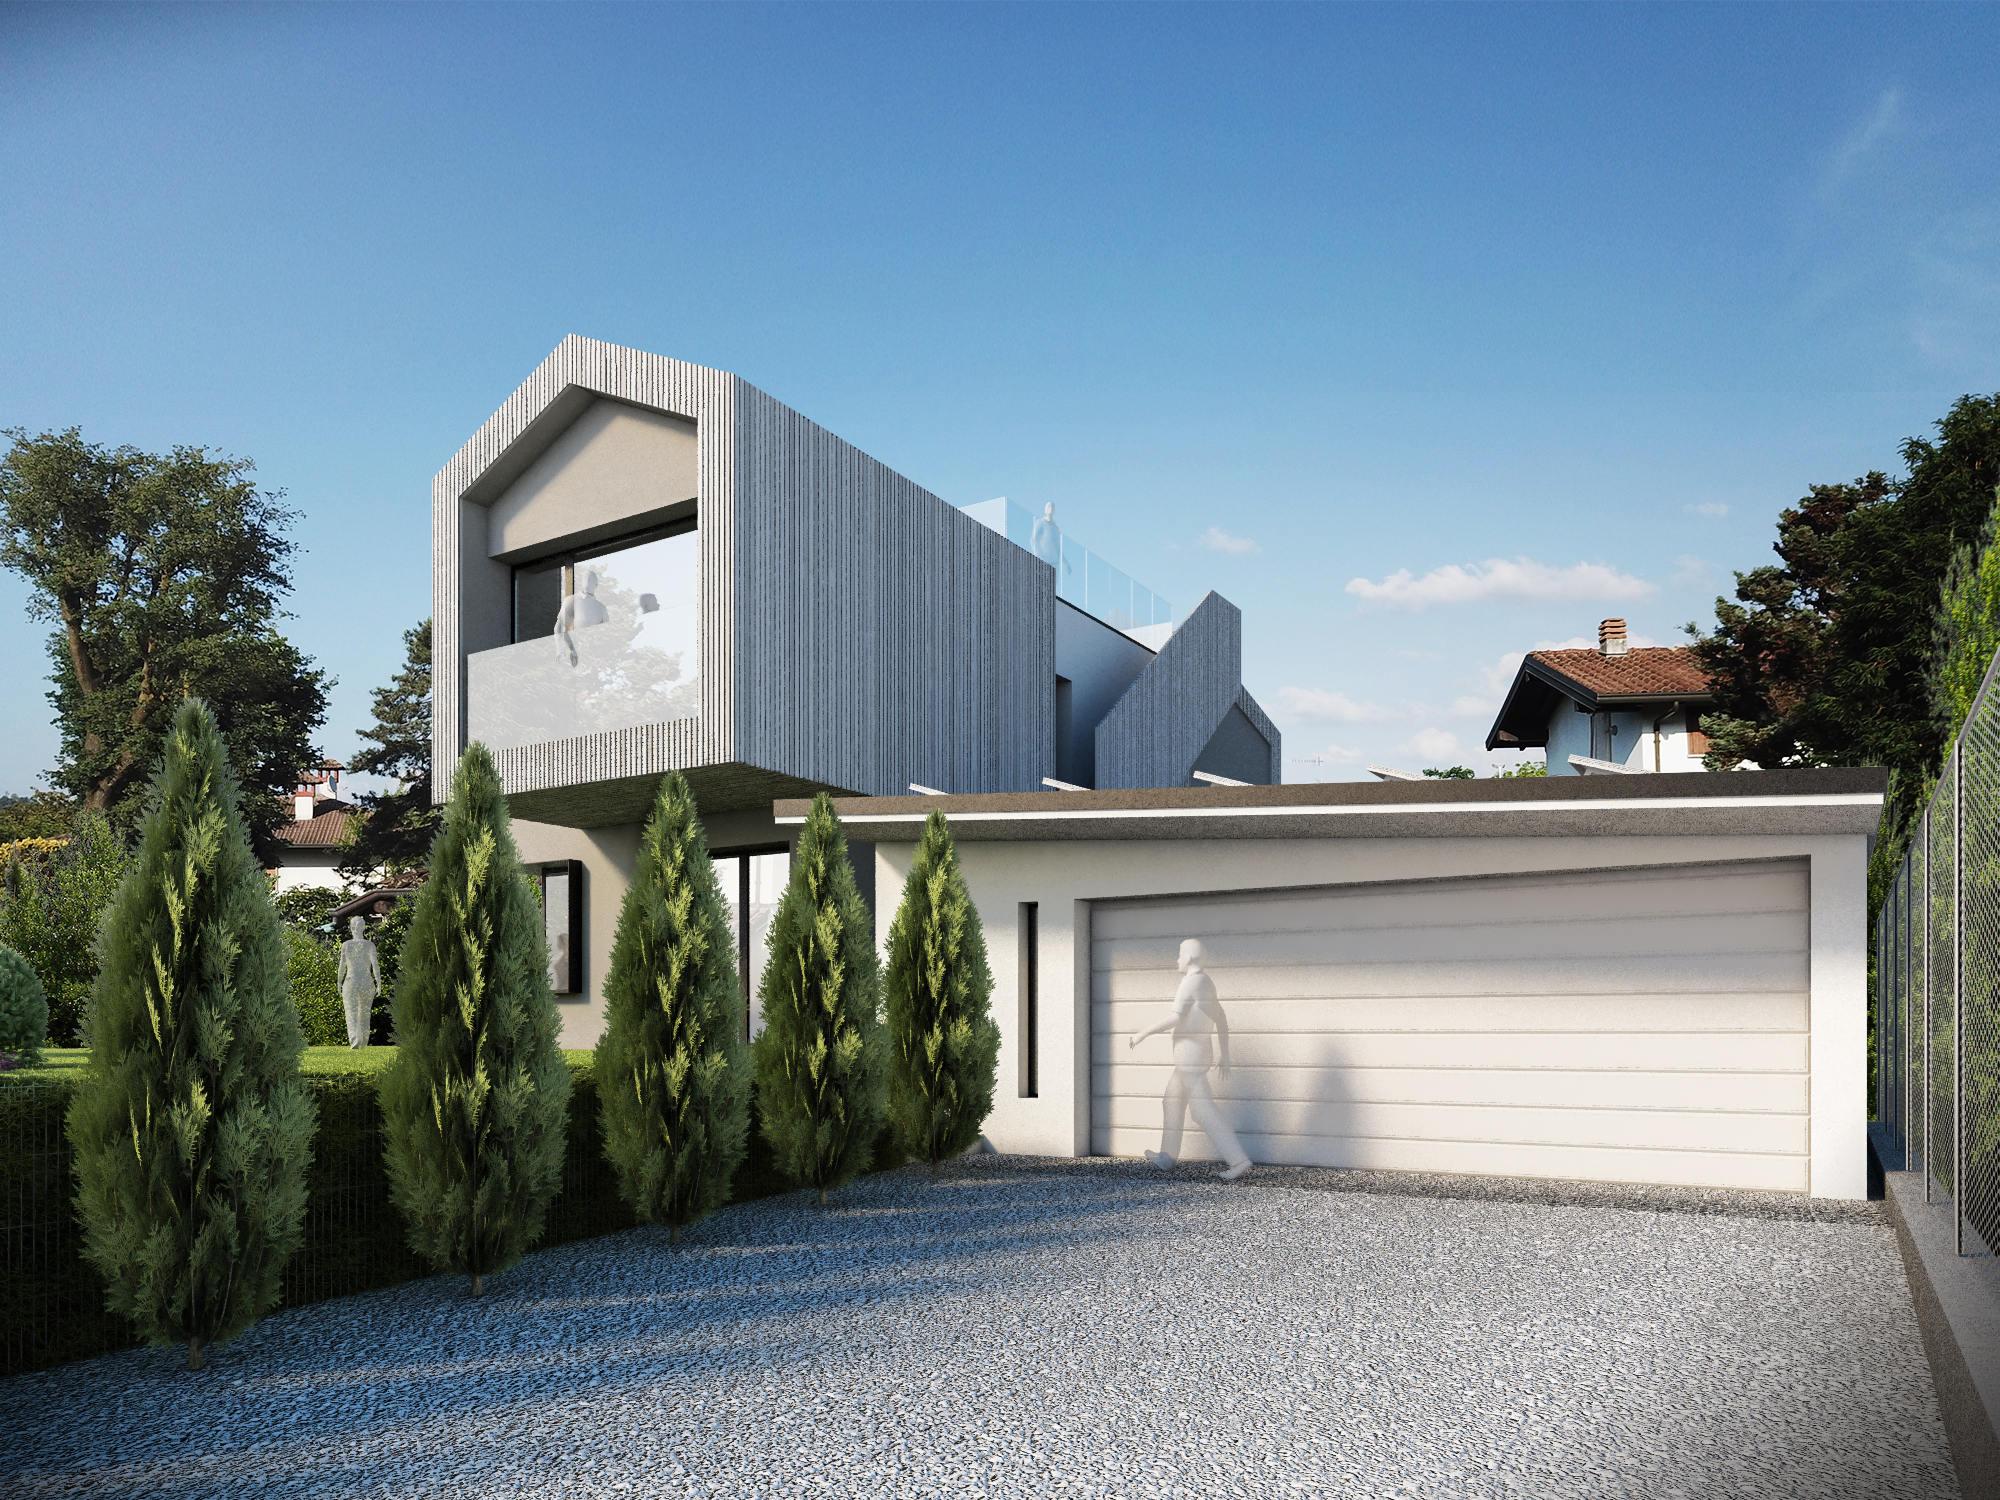 0718_RobertoManzetti-Architetto-MathiHouse-5